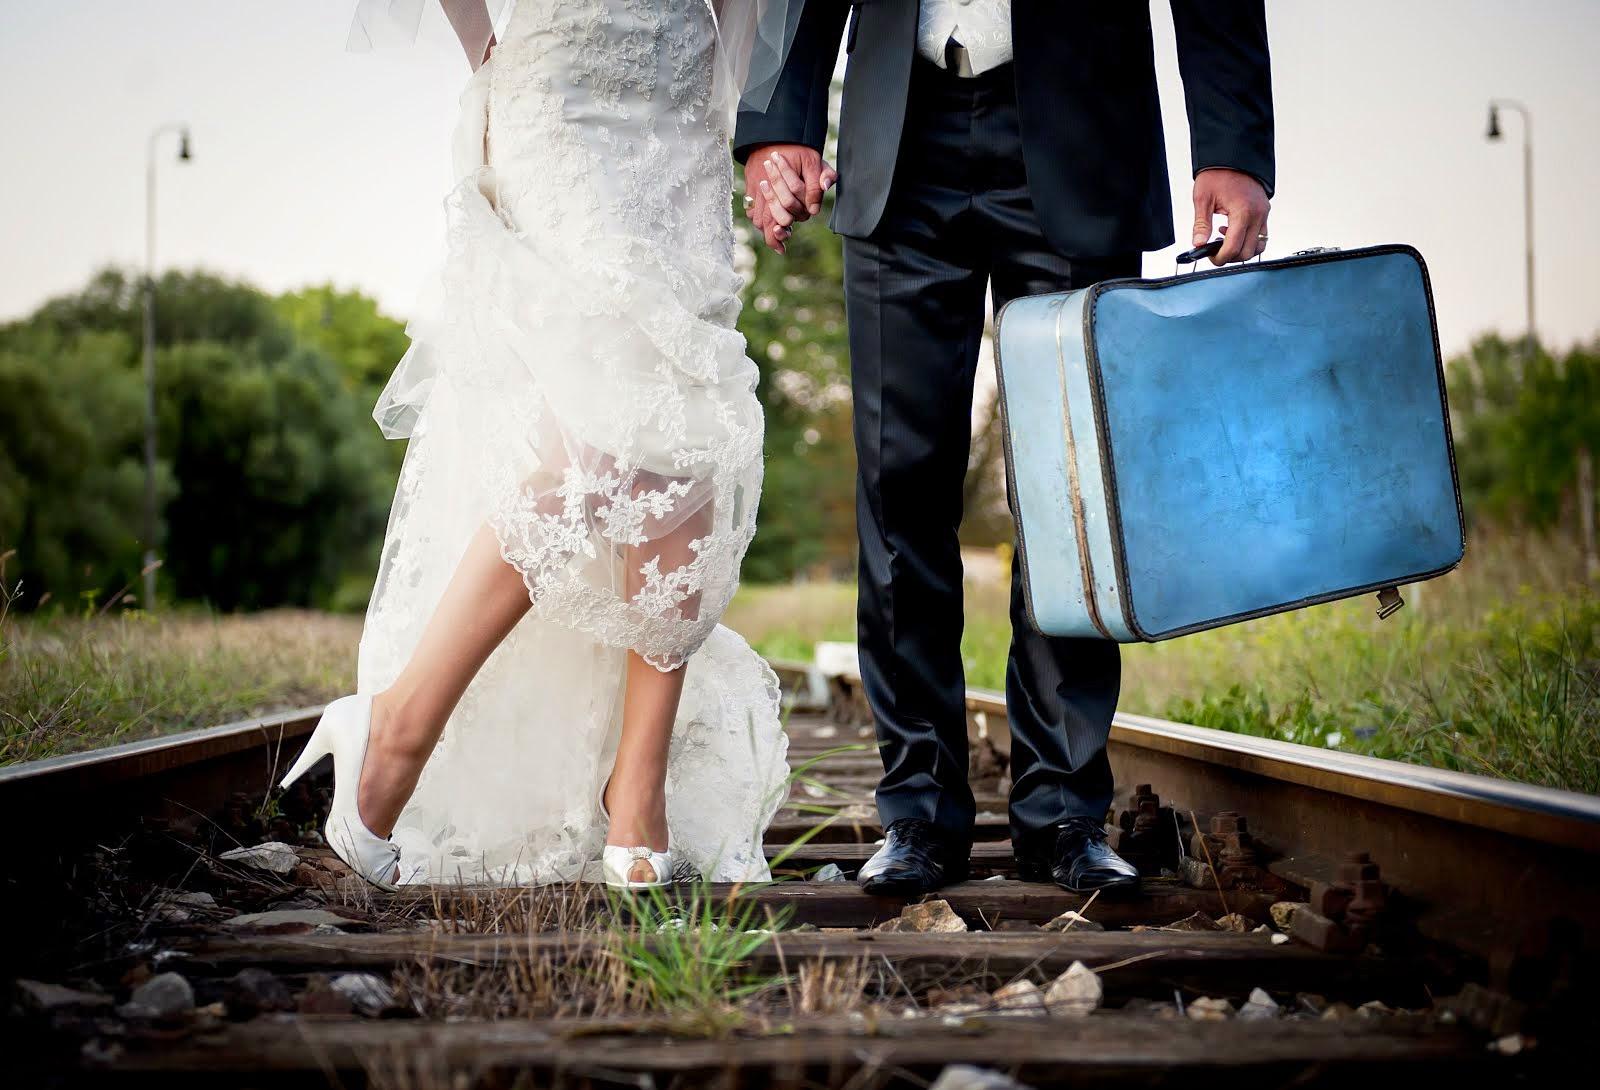 CURSOS DE ASESORÍA DE IMAGEN PARA WEDDING PLANNER